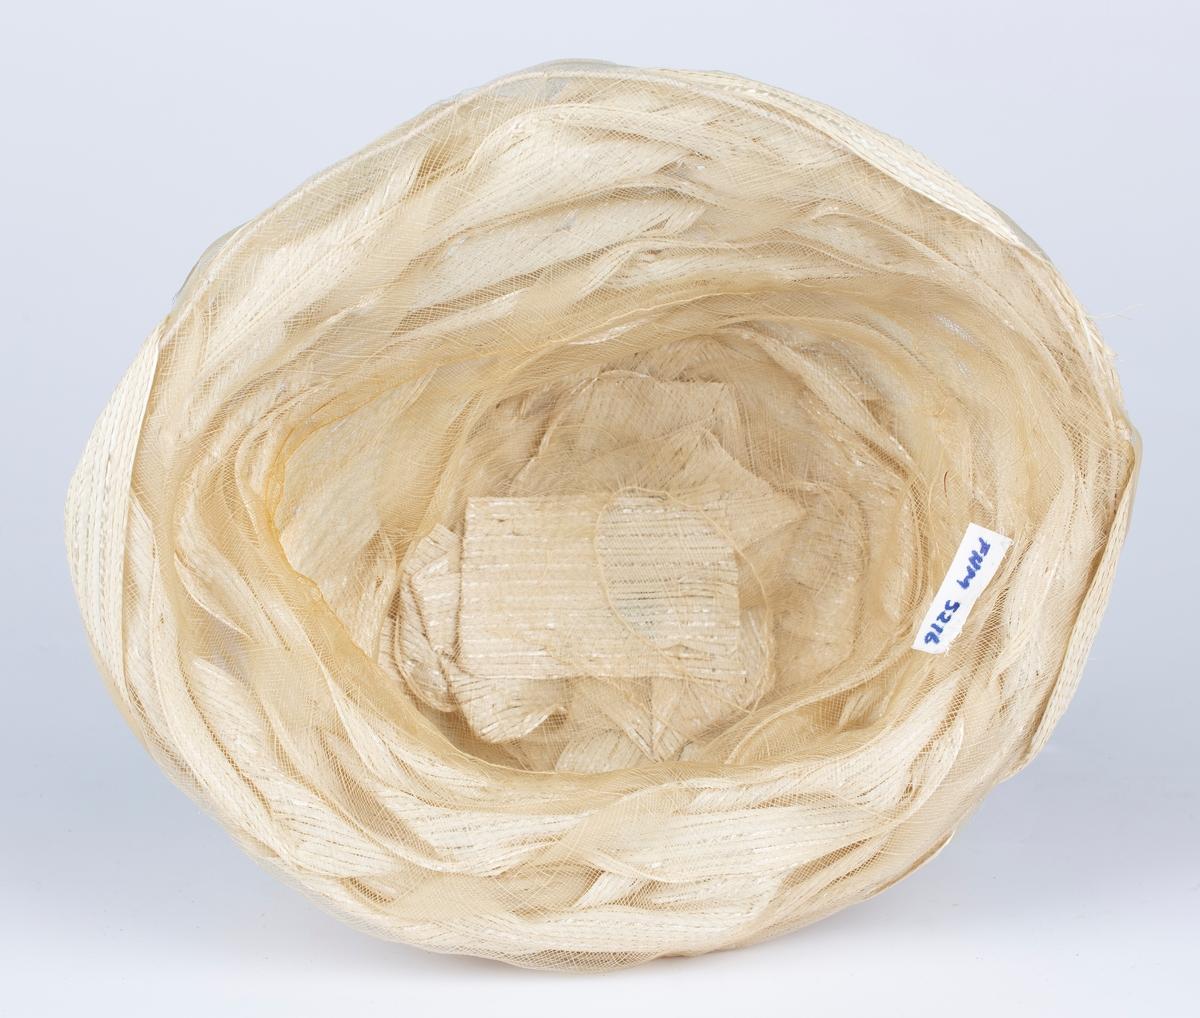 Damehatt i slørliknende plastmaterialer, vevet plast og plastnetting flettet i hverandre.